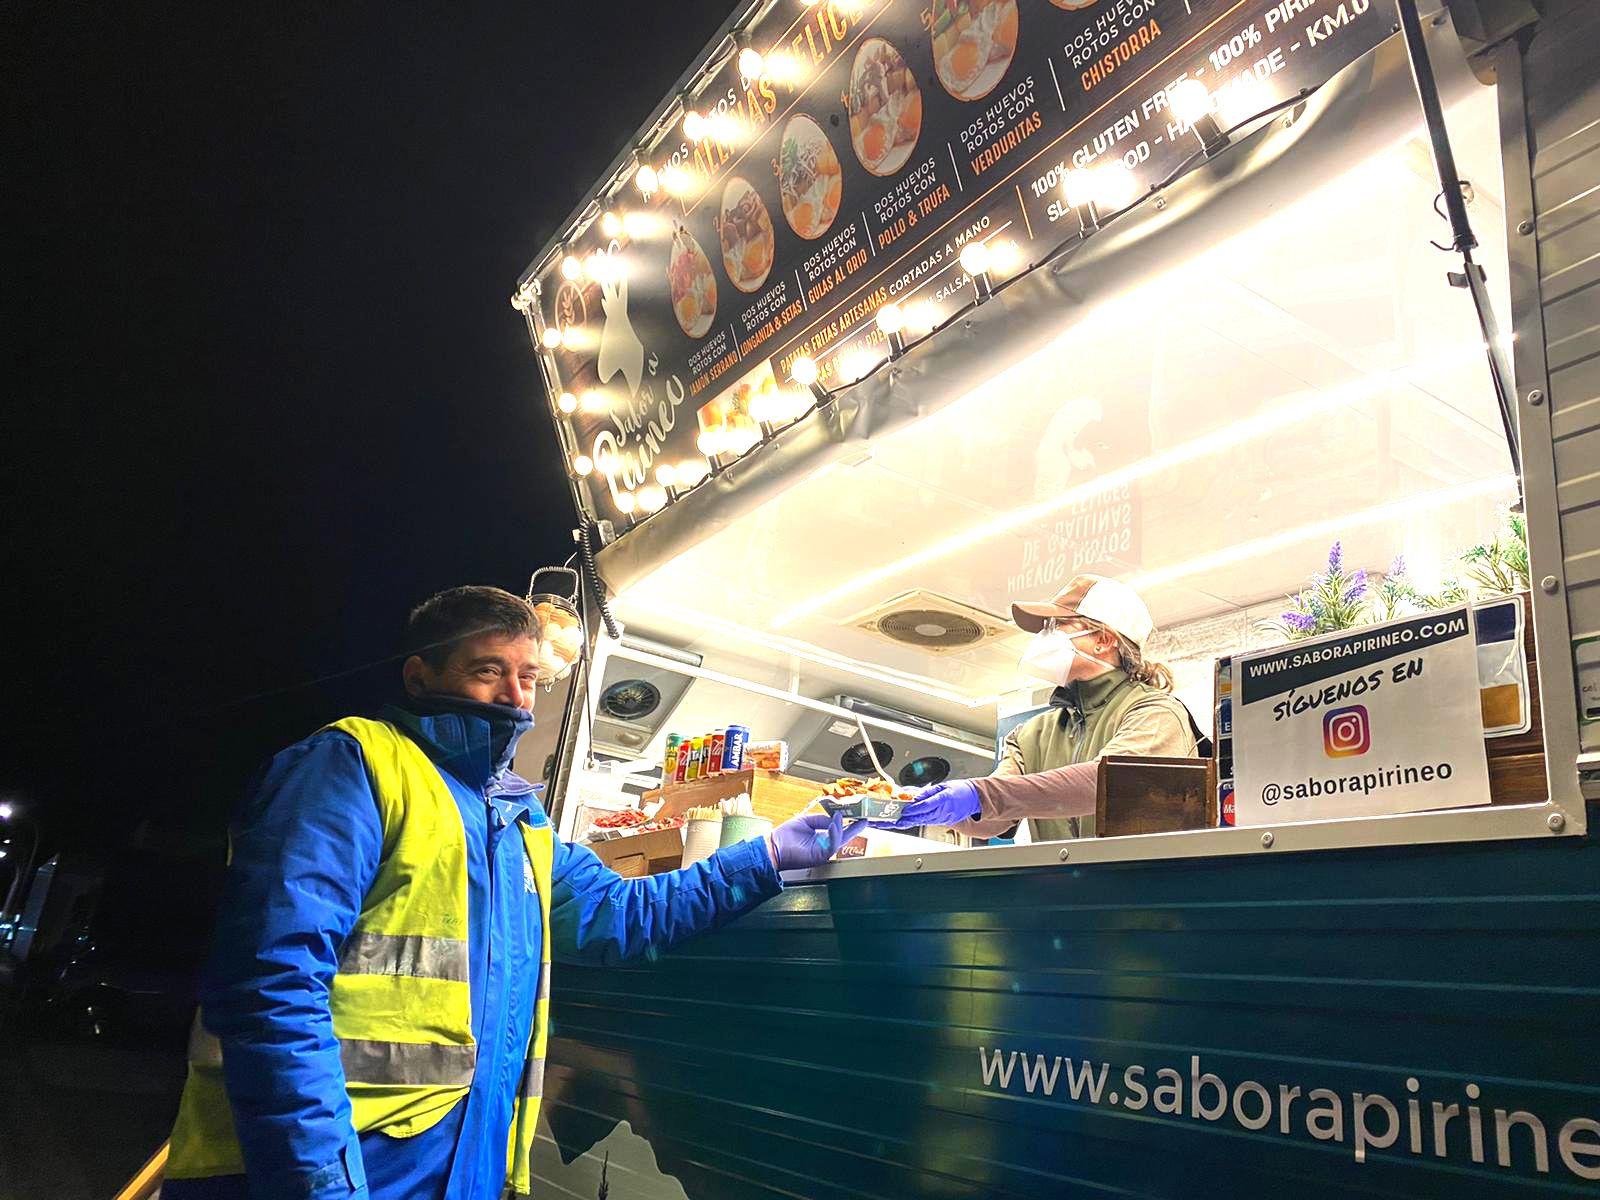 La food truck Sabor a Pirineo ha ofrecido cerca de 3000 cenas gratuitas a los transportistas de Mercazaragoza